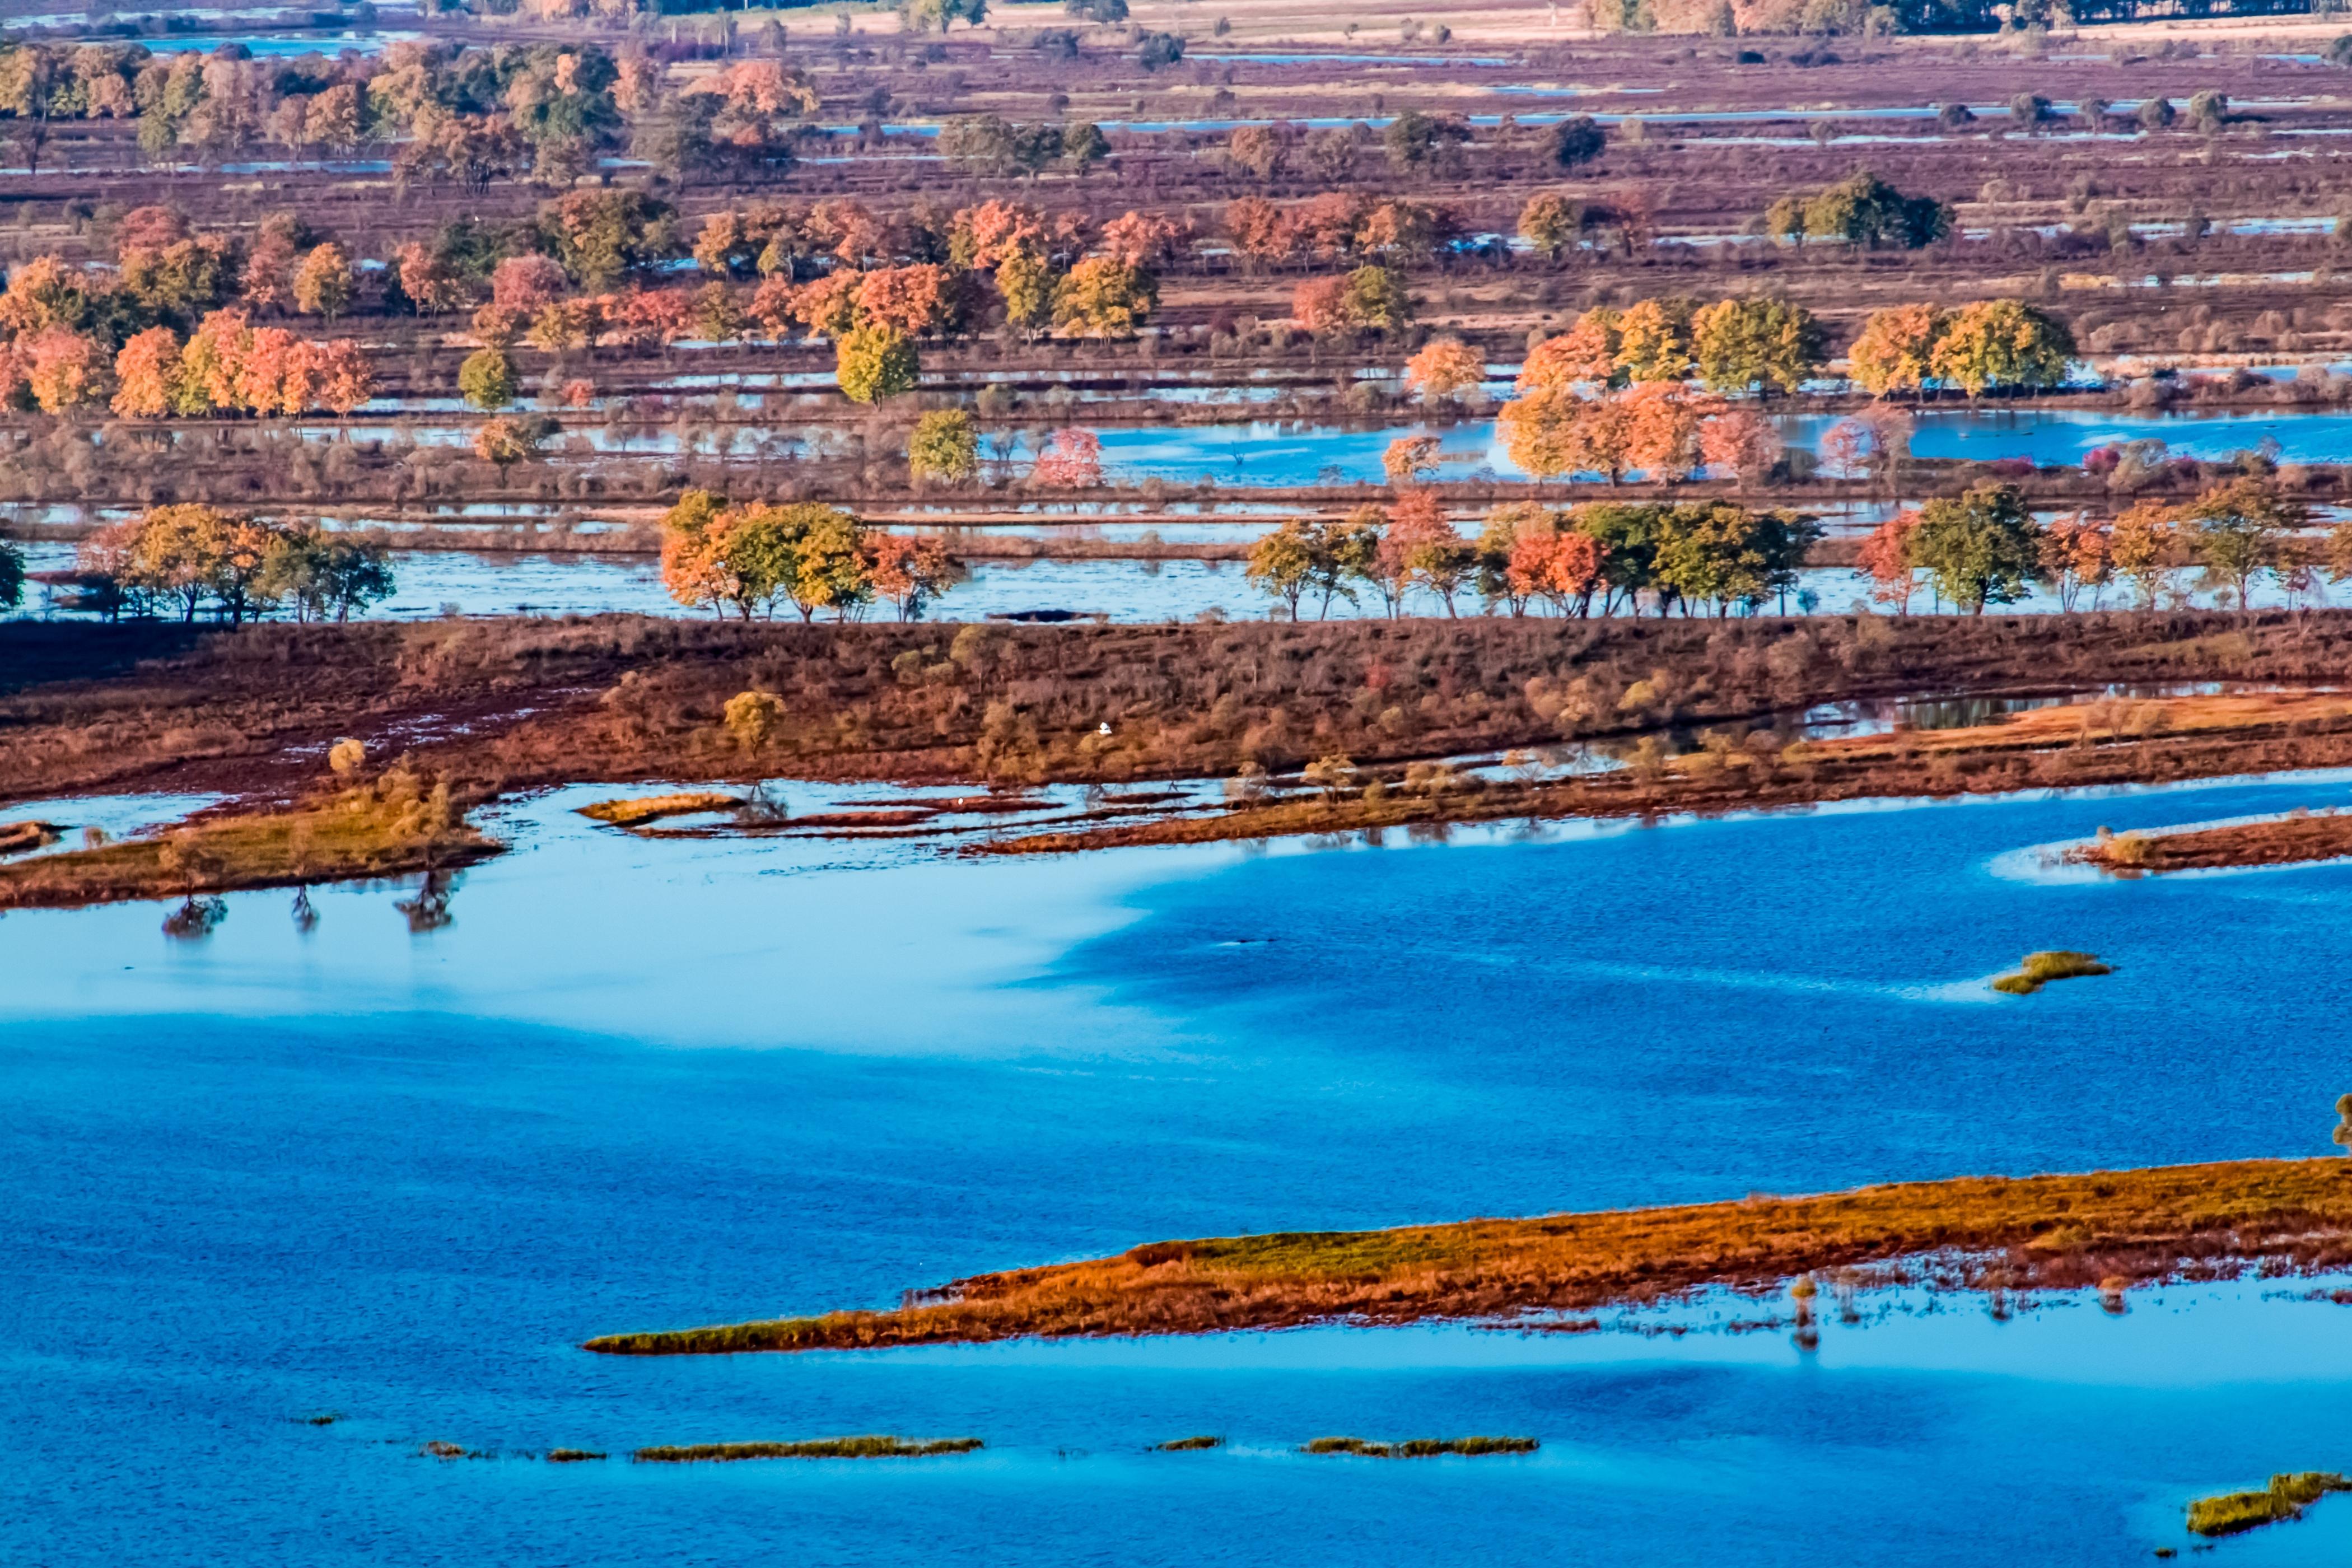 Wusuli River National Forest Park